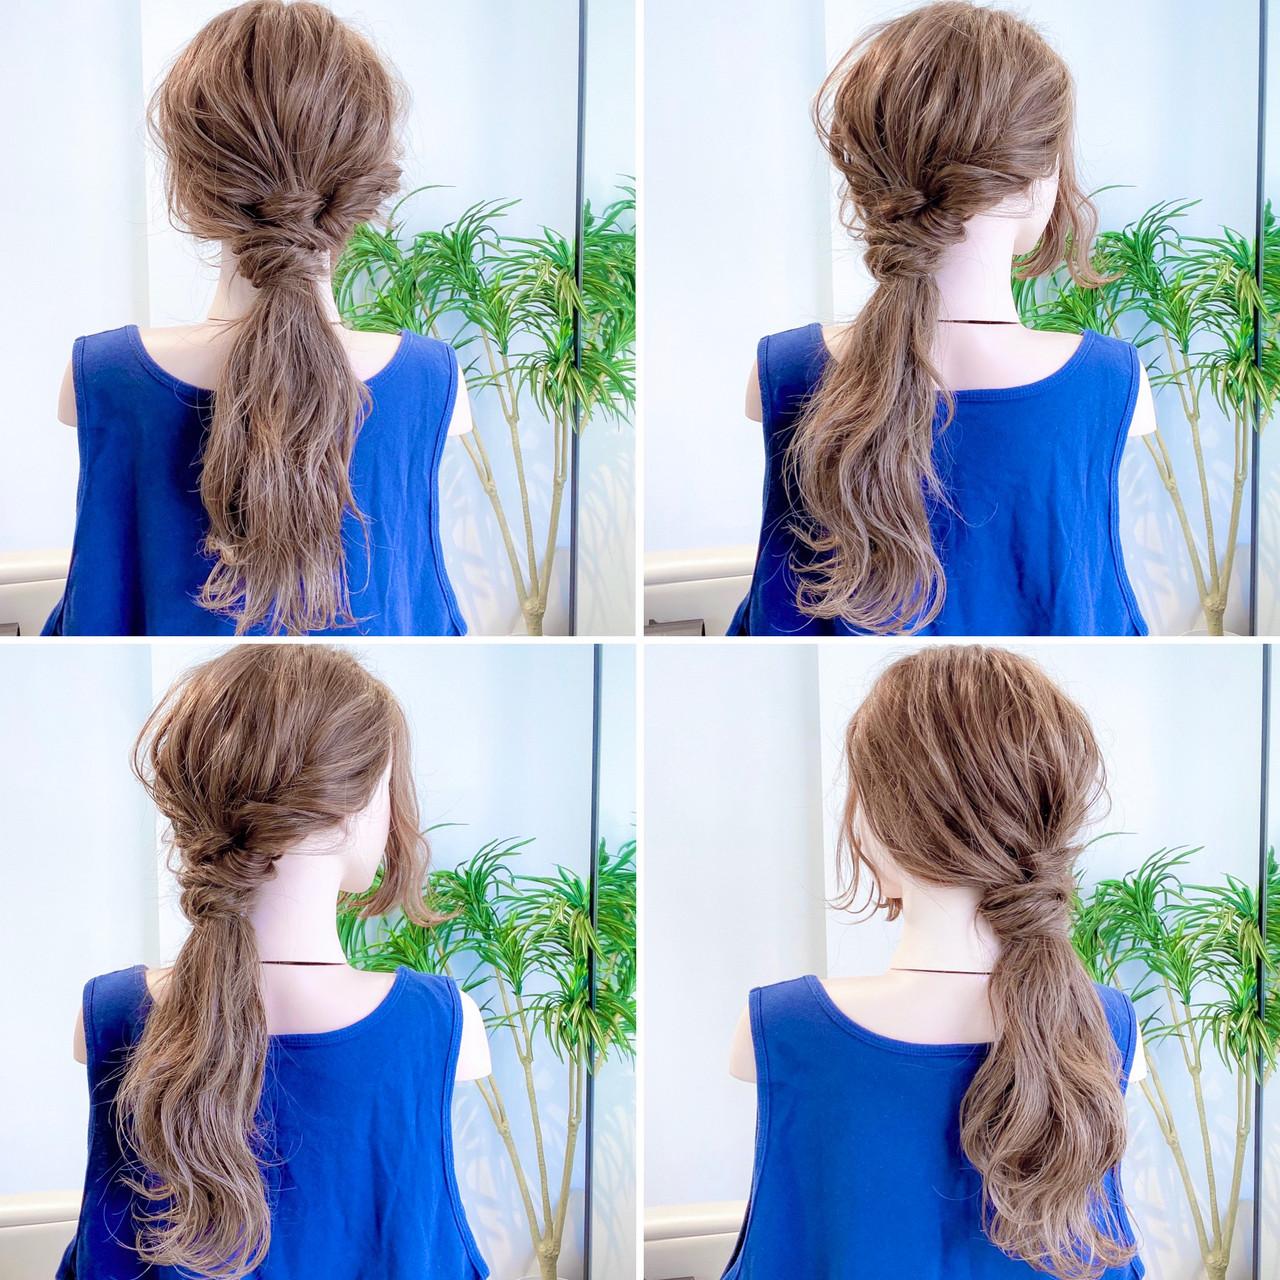 フェミニン ロングヘア 簡単ヘアアレンジ ロング ヘアスタイルや髪型の写真・画像